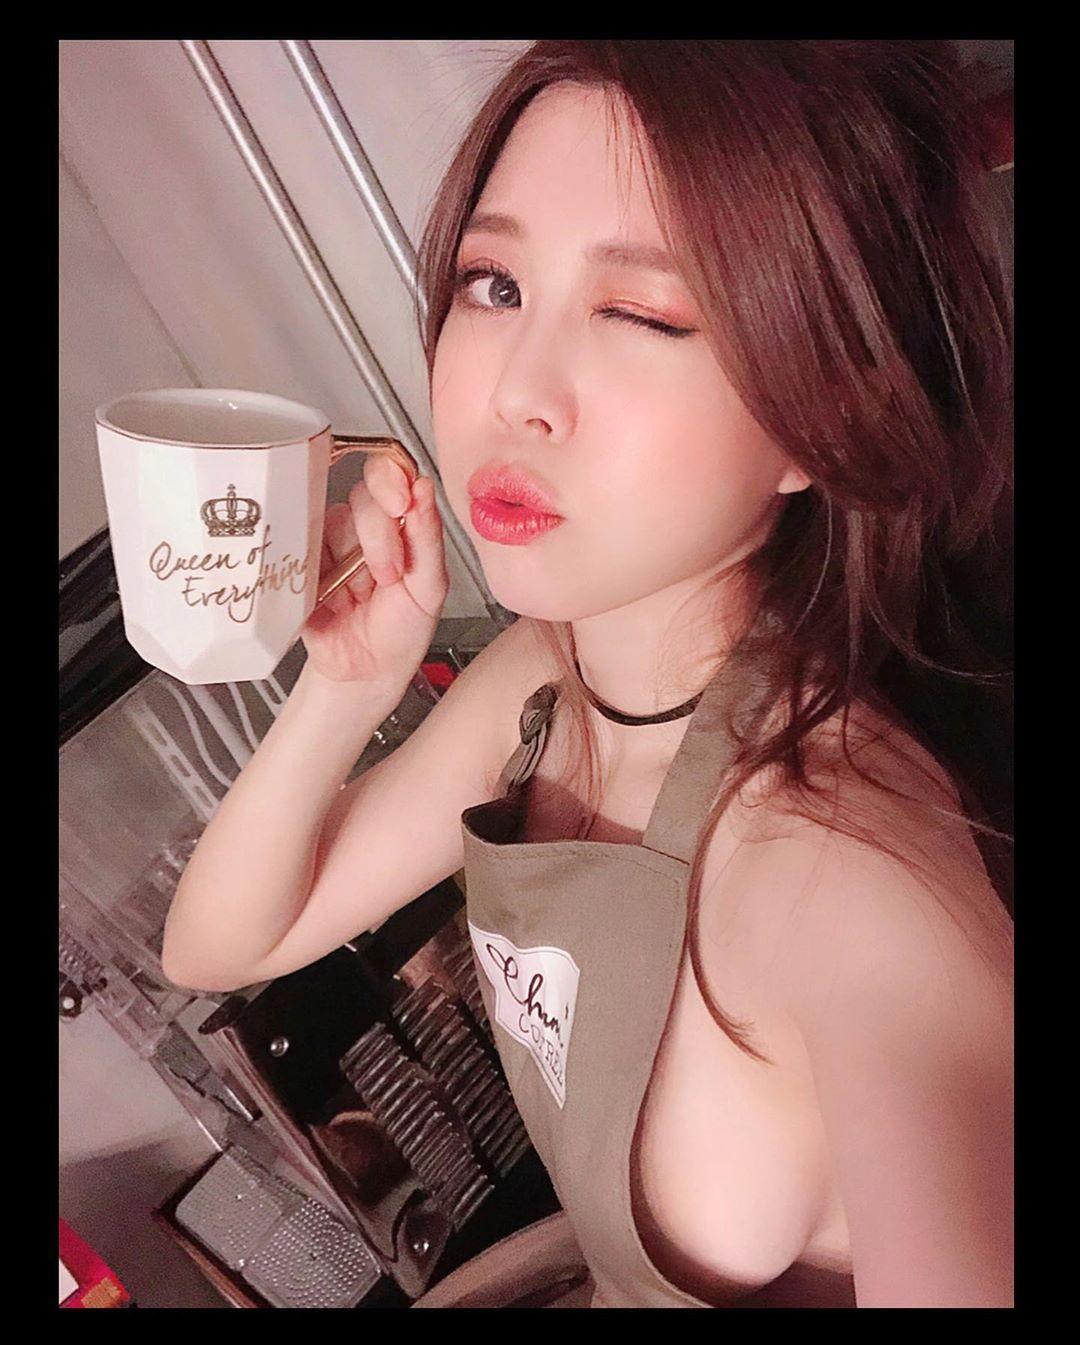 平面模特纱那酱Chana日常生活照,果体围裙泡咖啡不要太性感